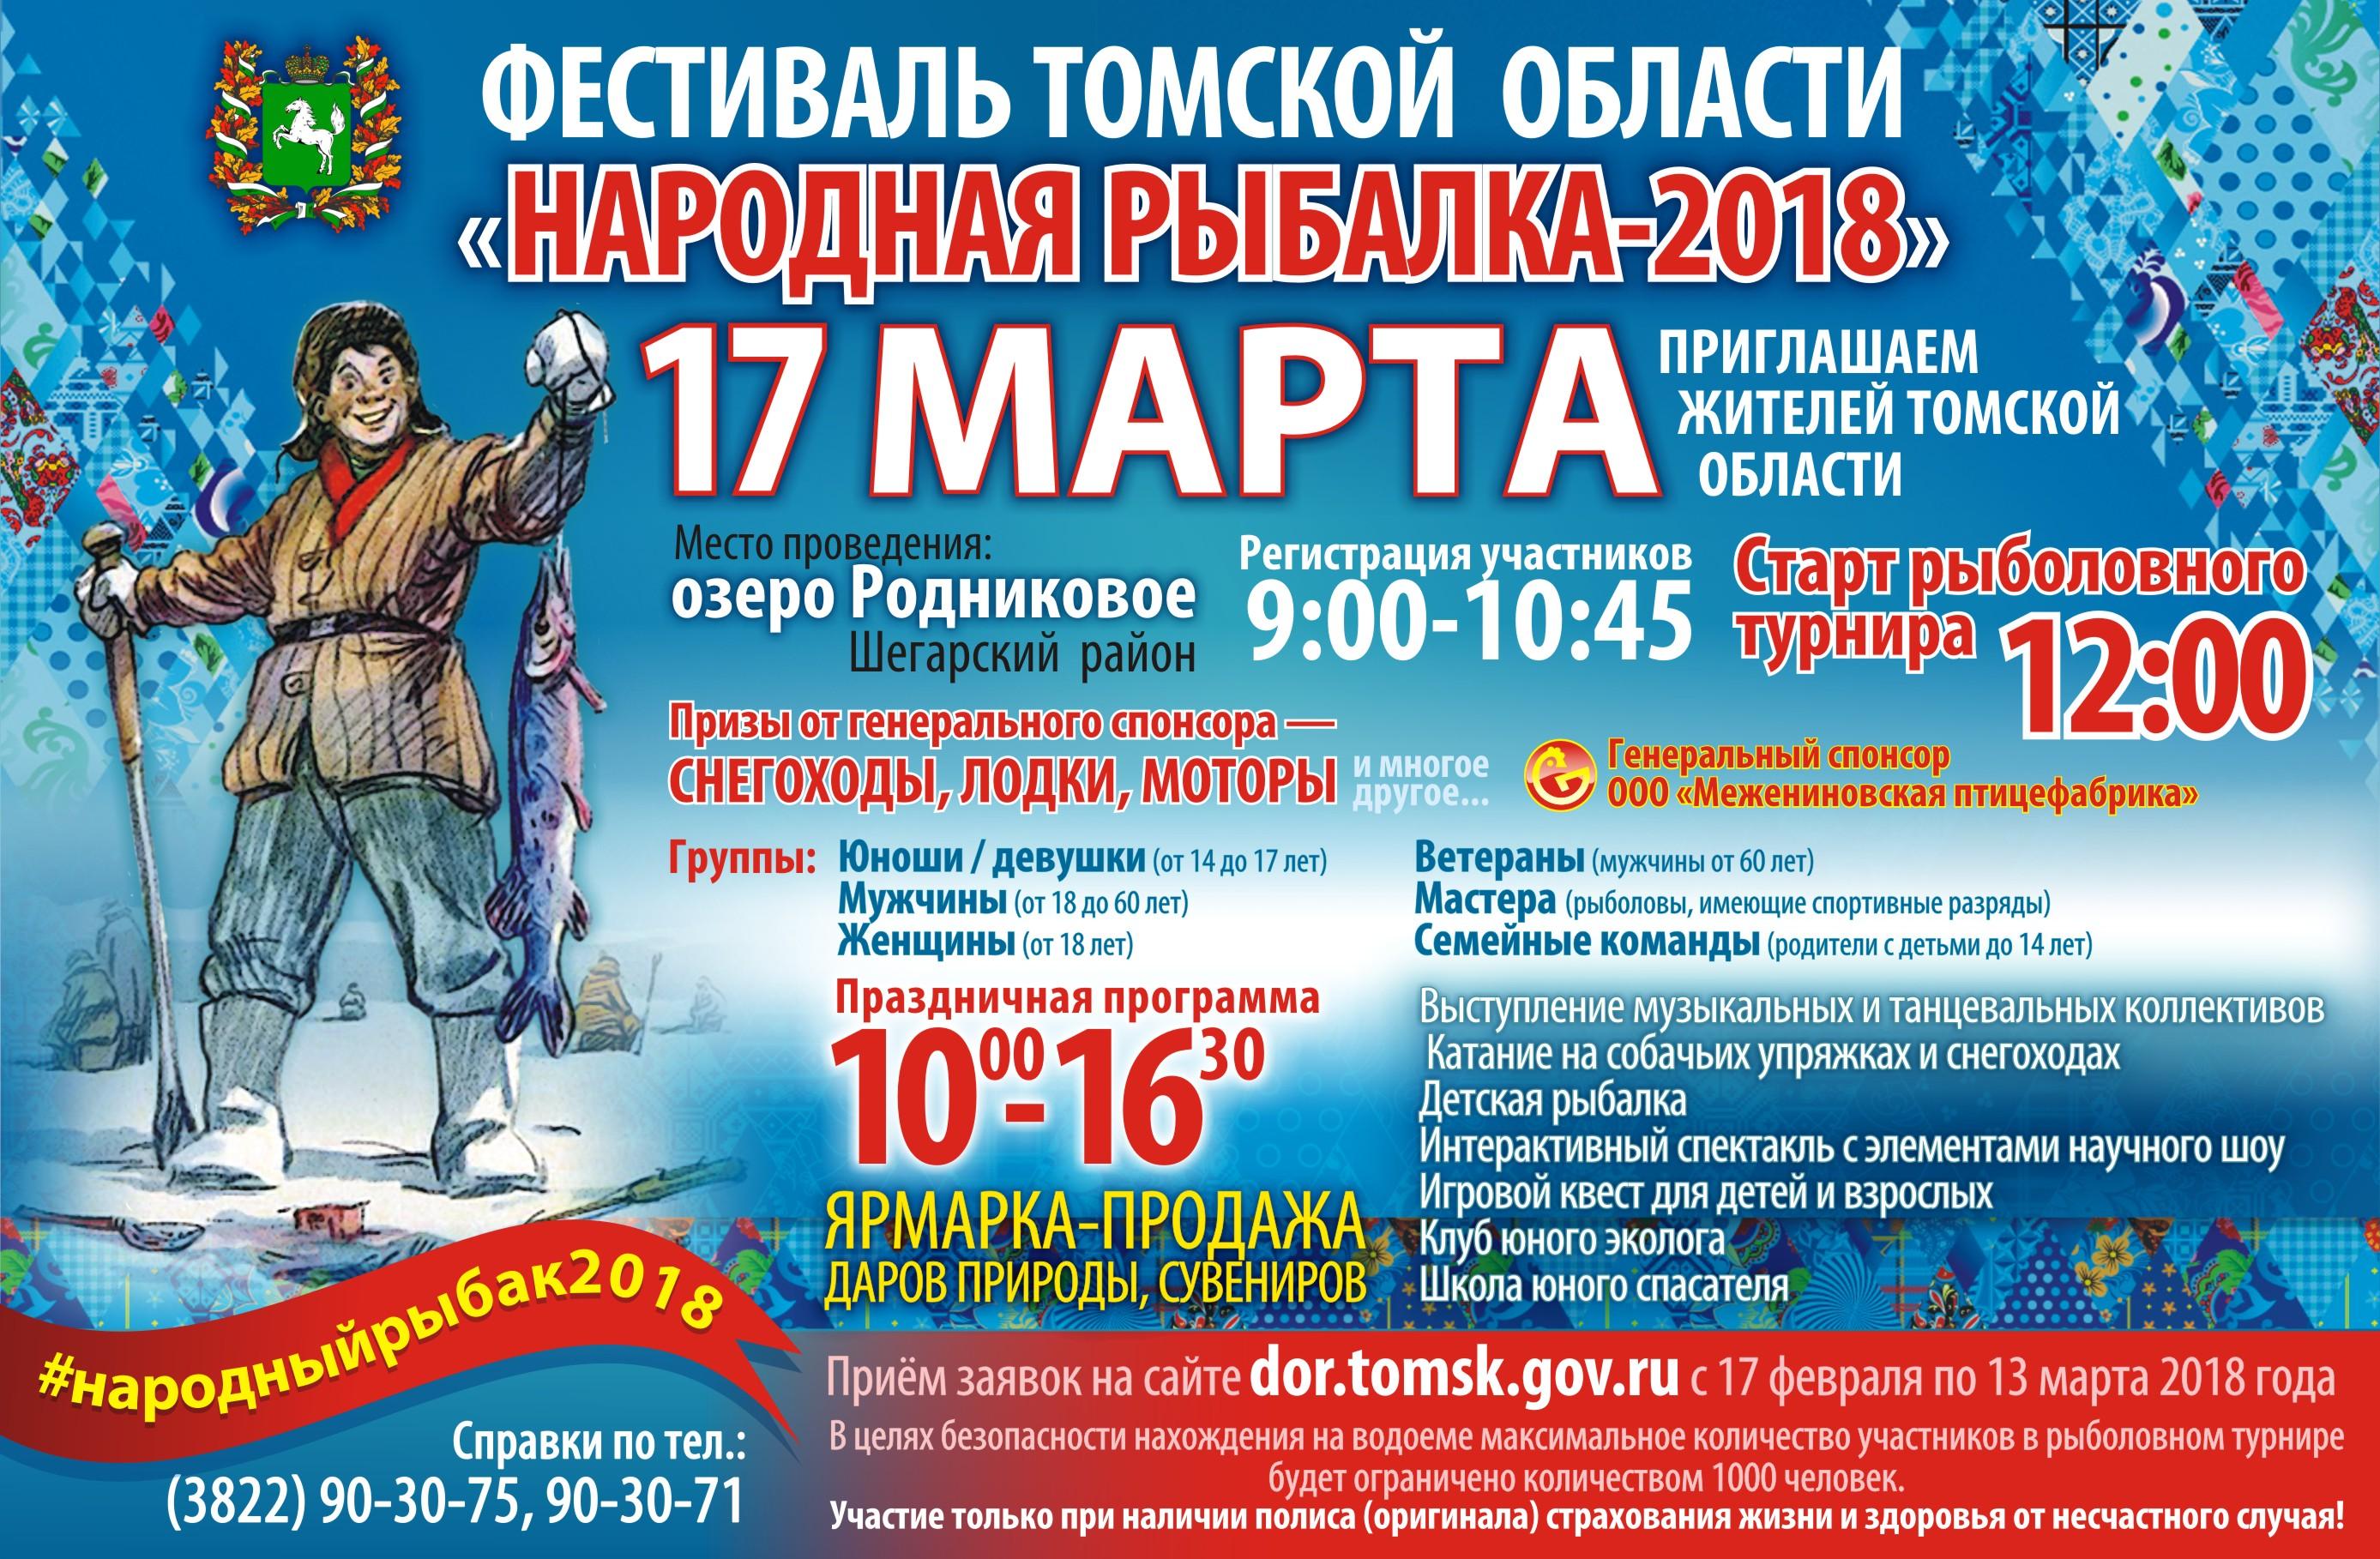 Фестиваль Томской области «Народная рыбалка — 2018»